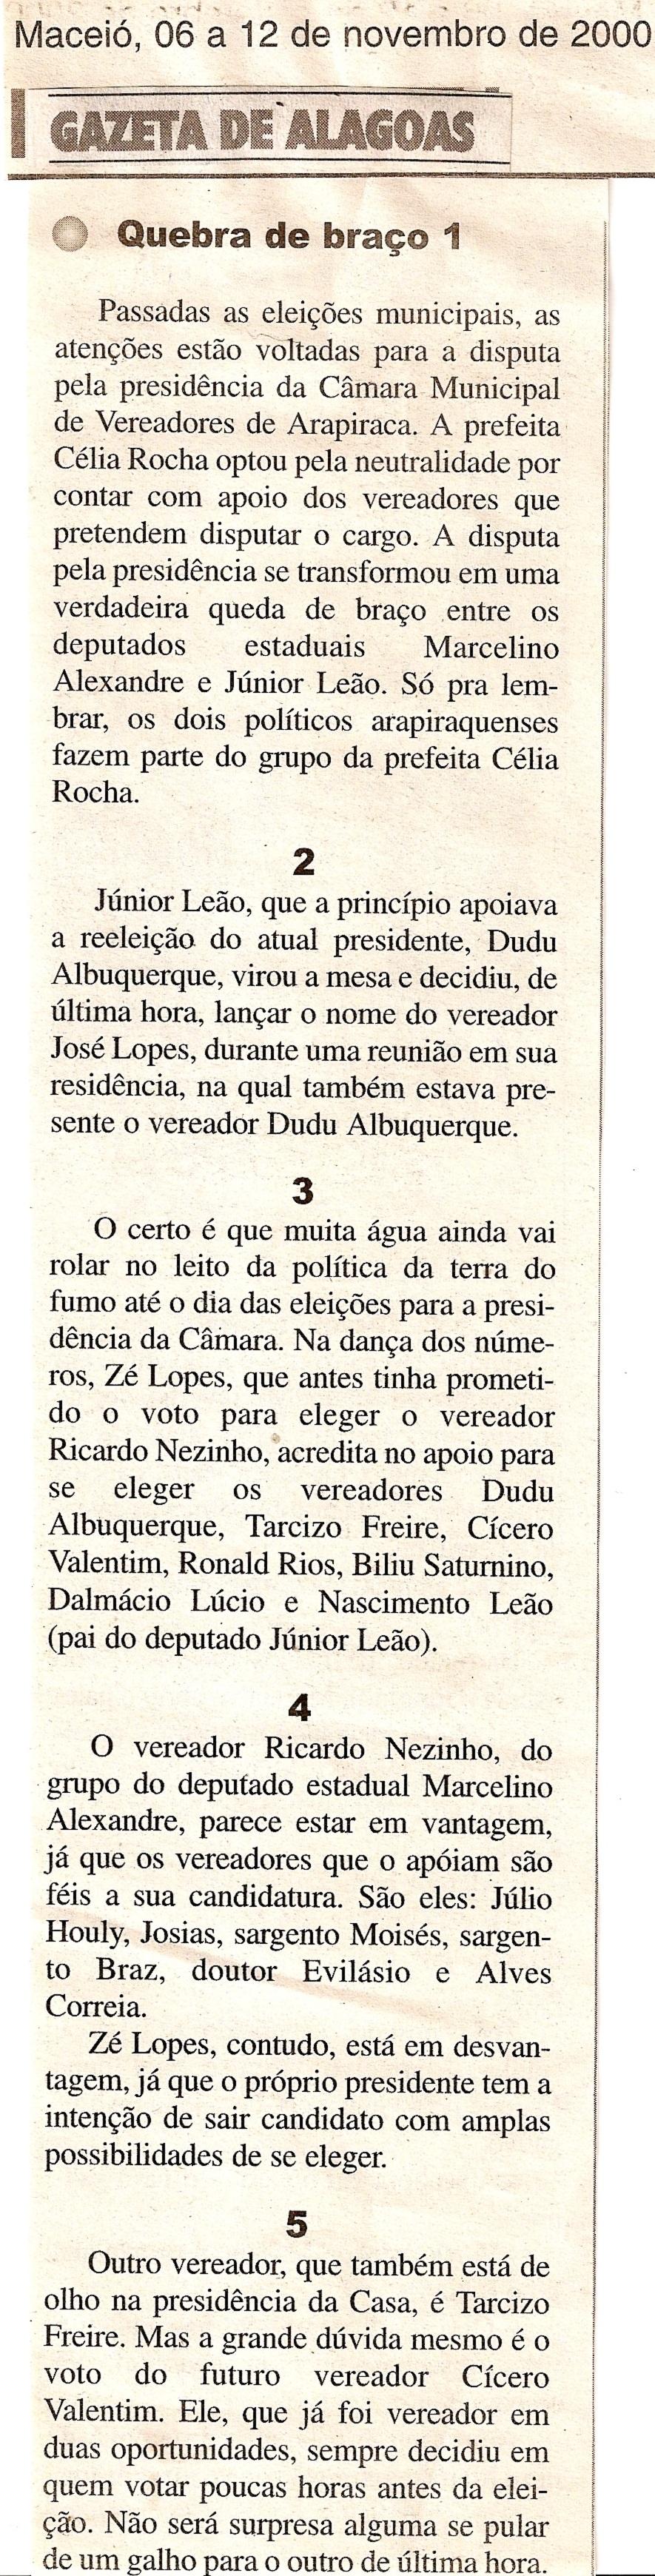 gazeta 06 a 12-11-2000